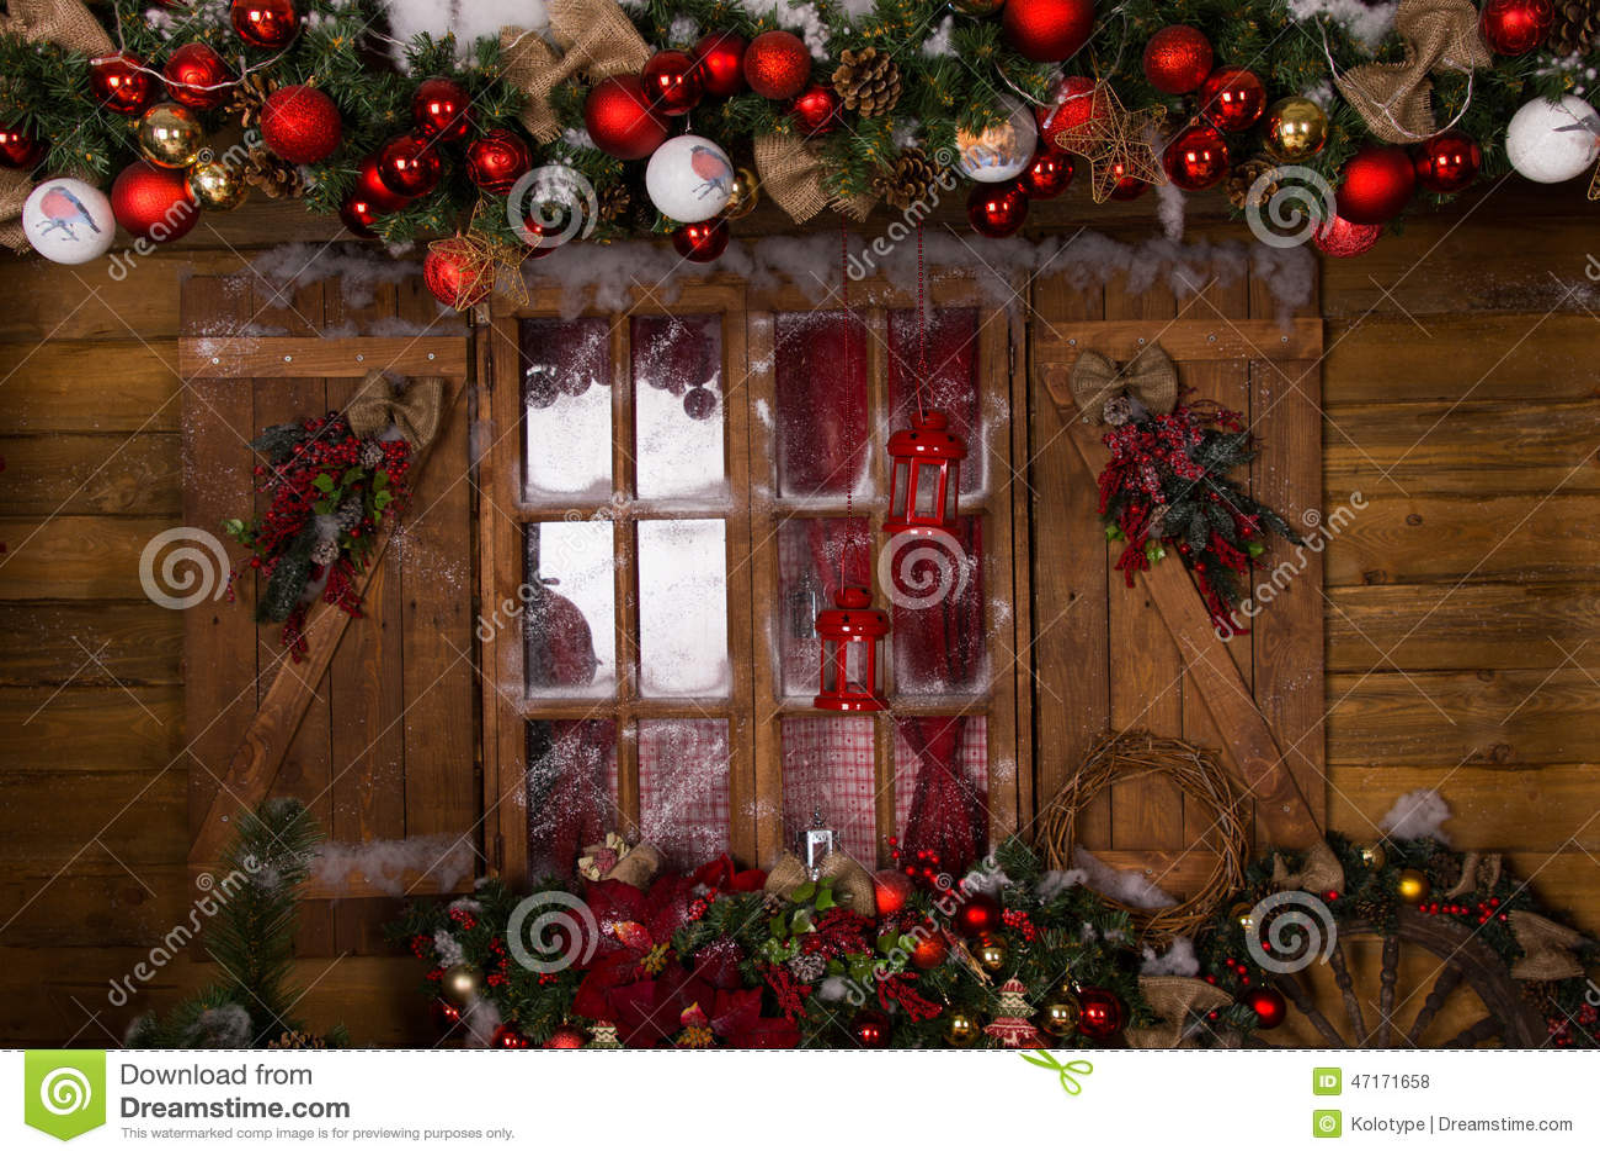 #B91812 Decorações Do Natal Na Janela De Vidro Com Quadro De Madeira Foto de  194 Janelas De Vidro Natal